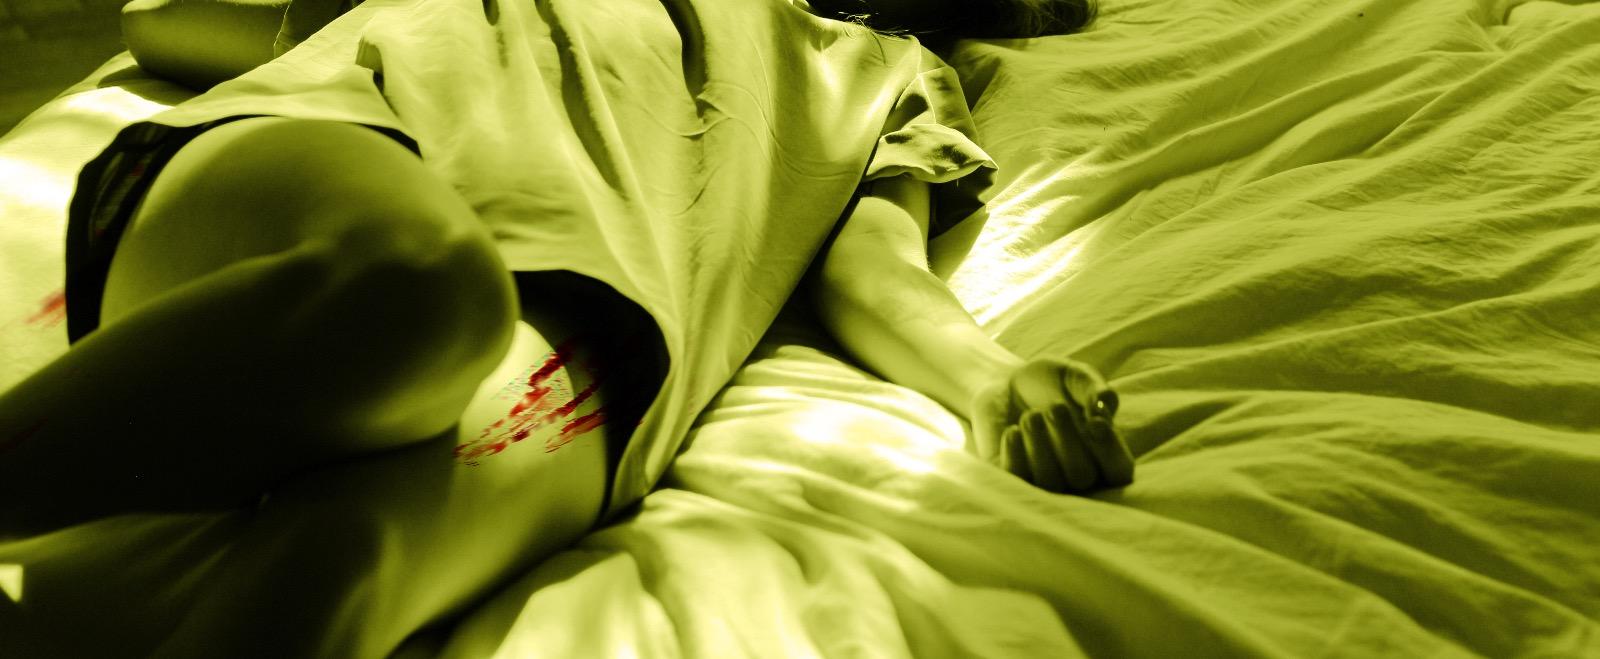 mutilazioni genitali femminili 8 marzo